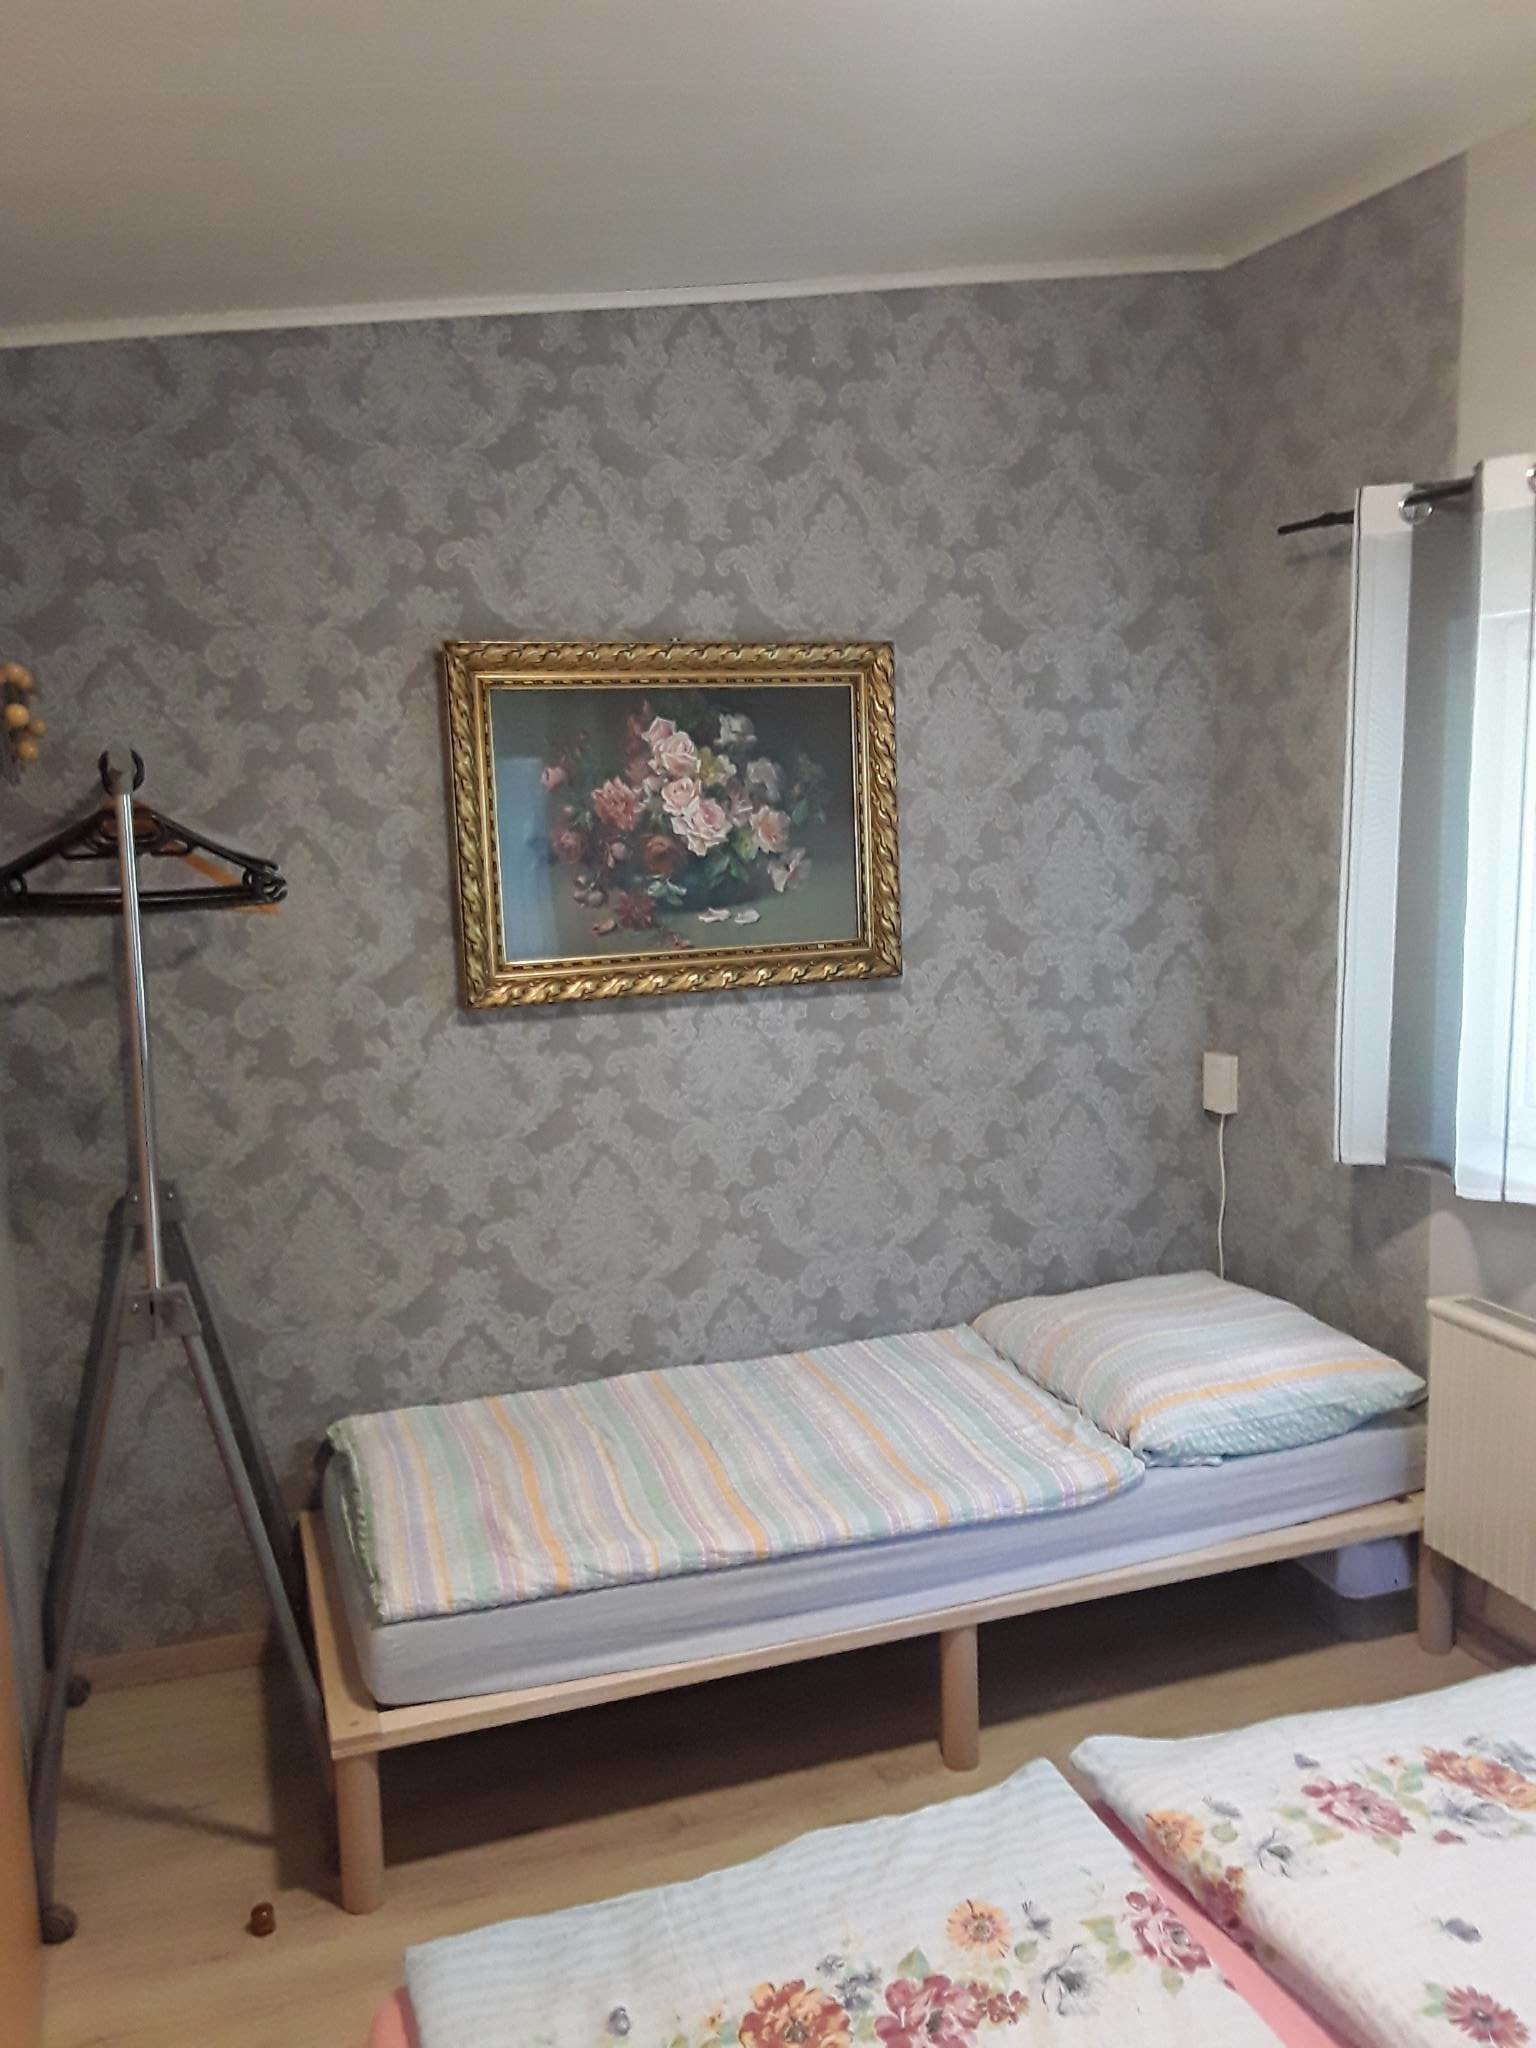 das dritte Bett im Schlafzimmer